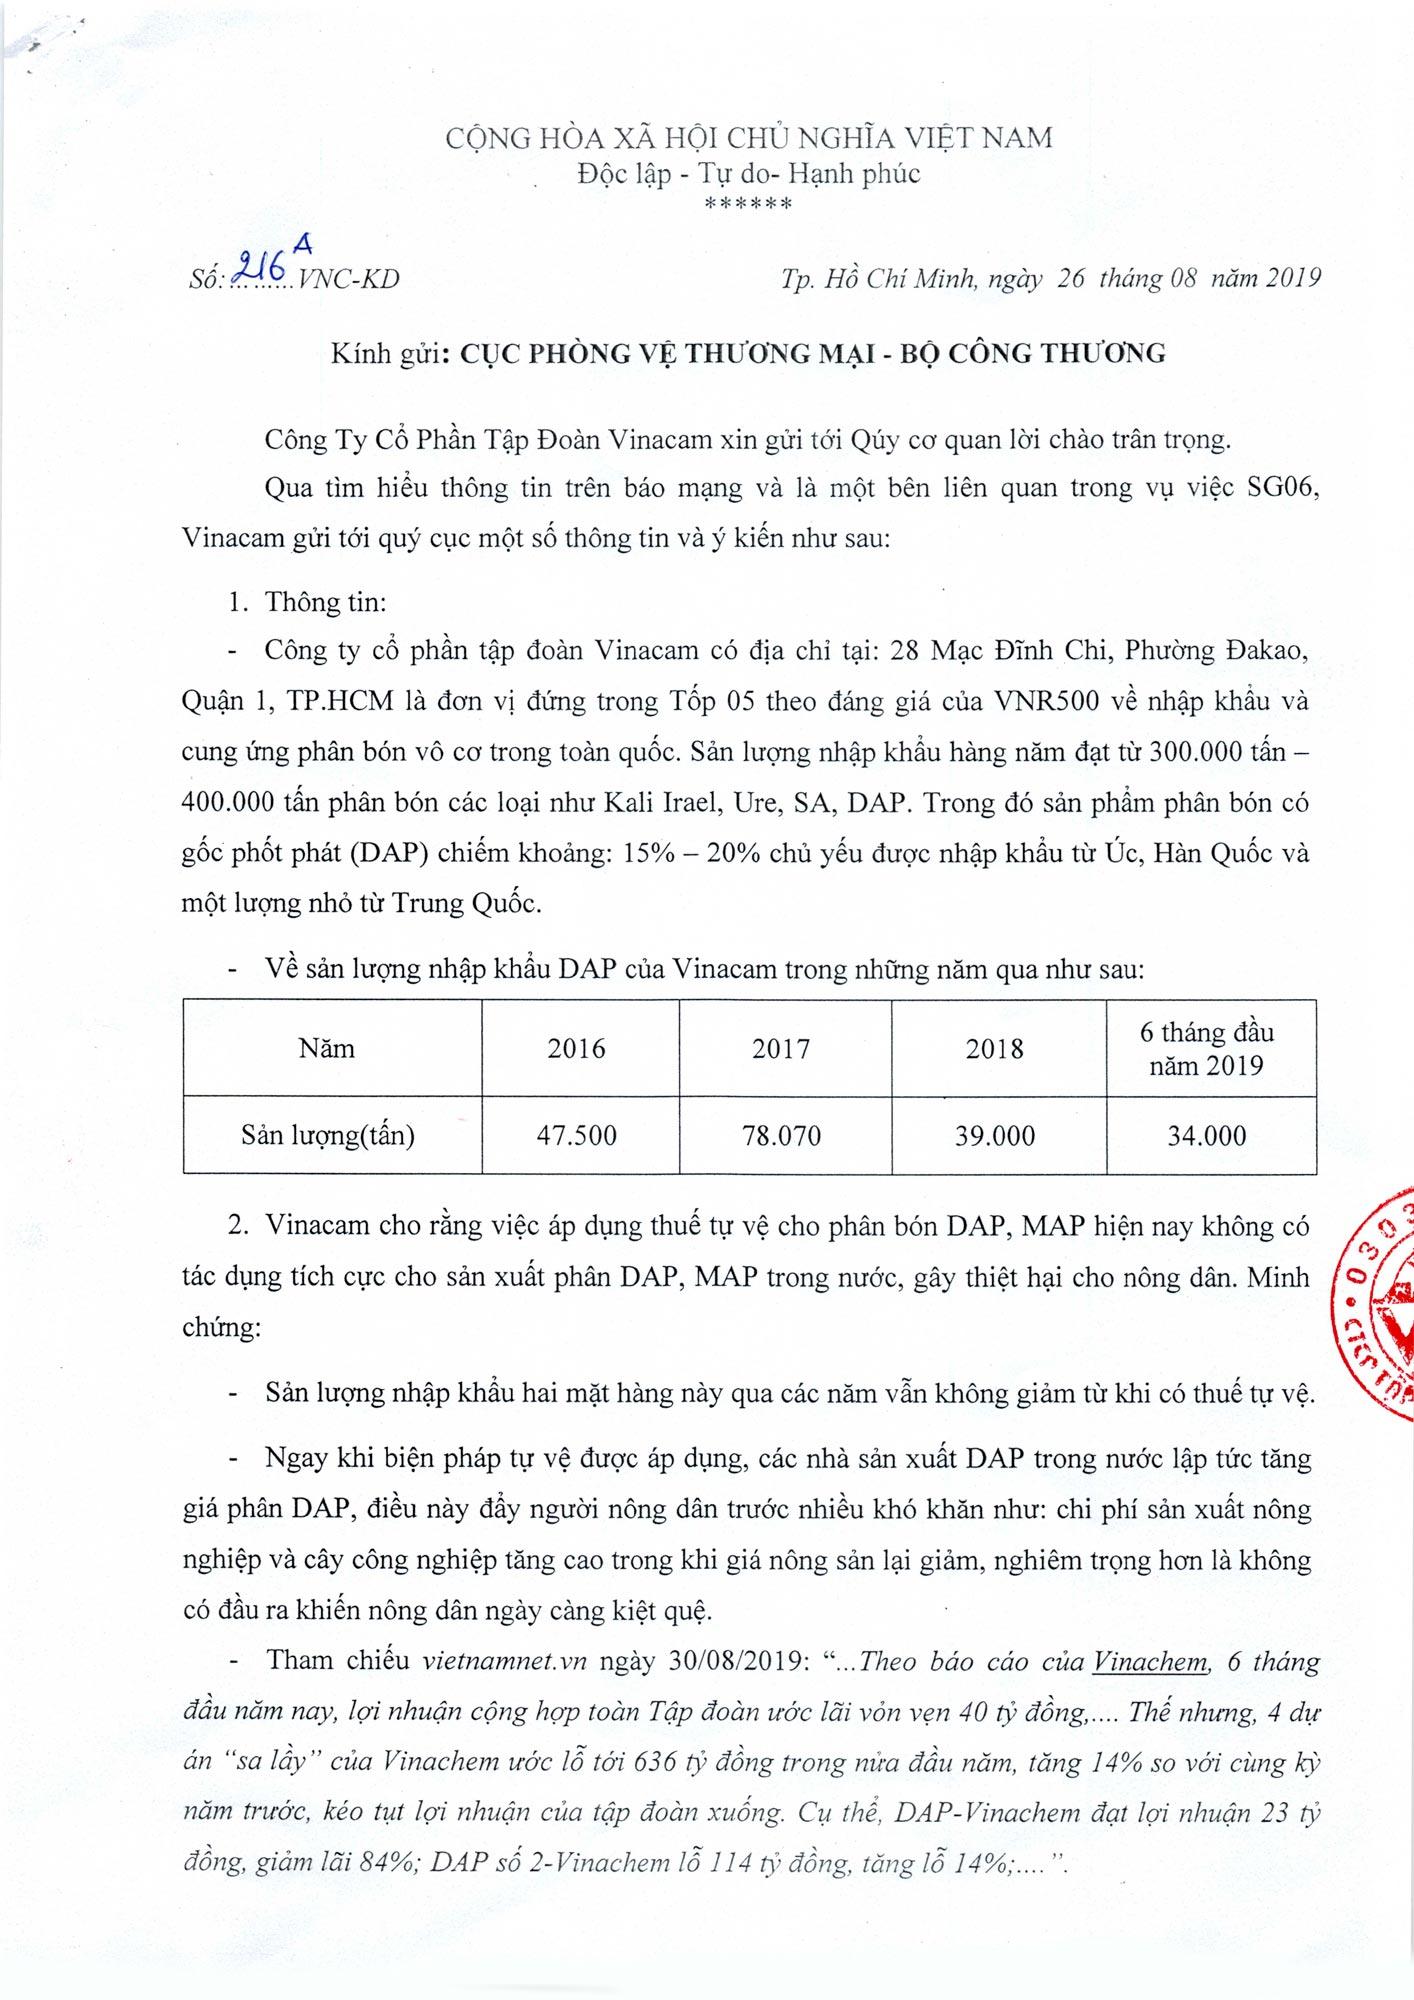 Công văn gửi Cục phòng vệ thương mại - Bộ Công thương về việc áp thuế tự vệ đối với DAP, MAP